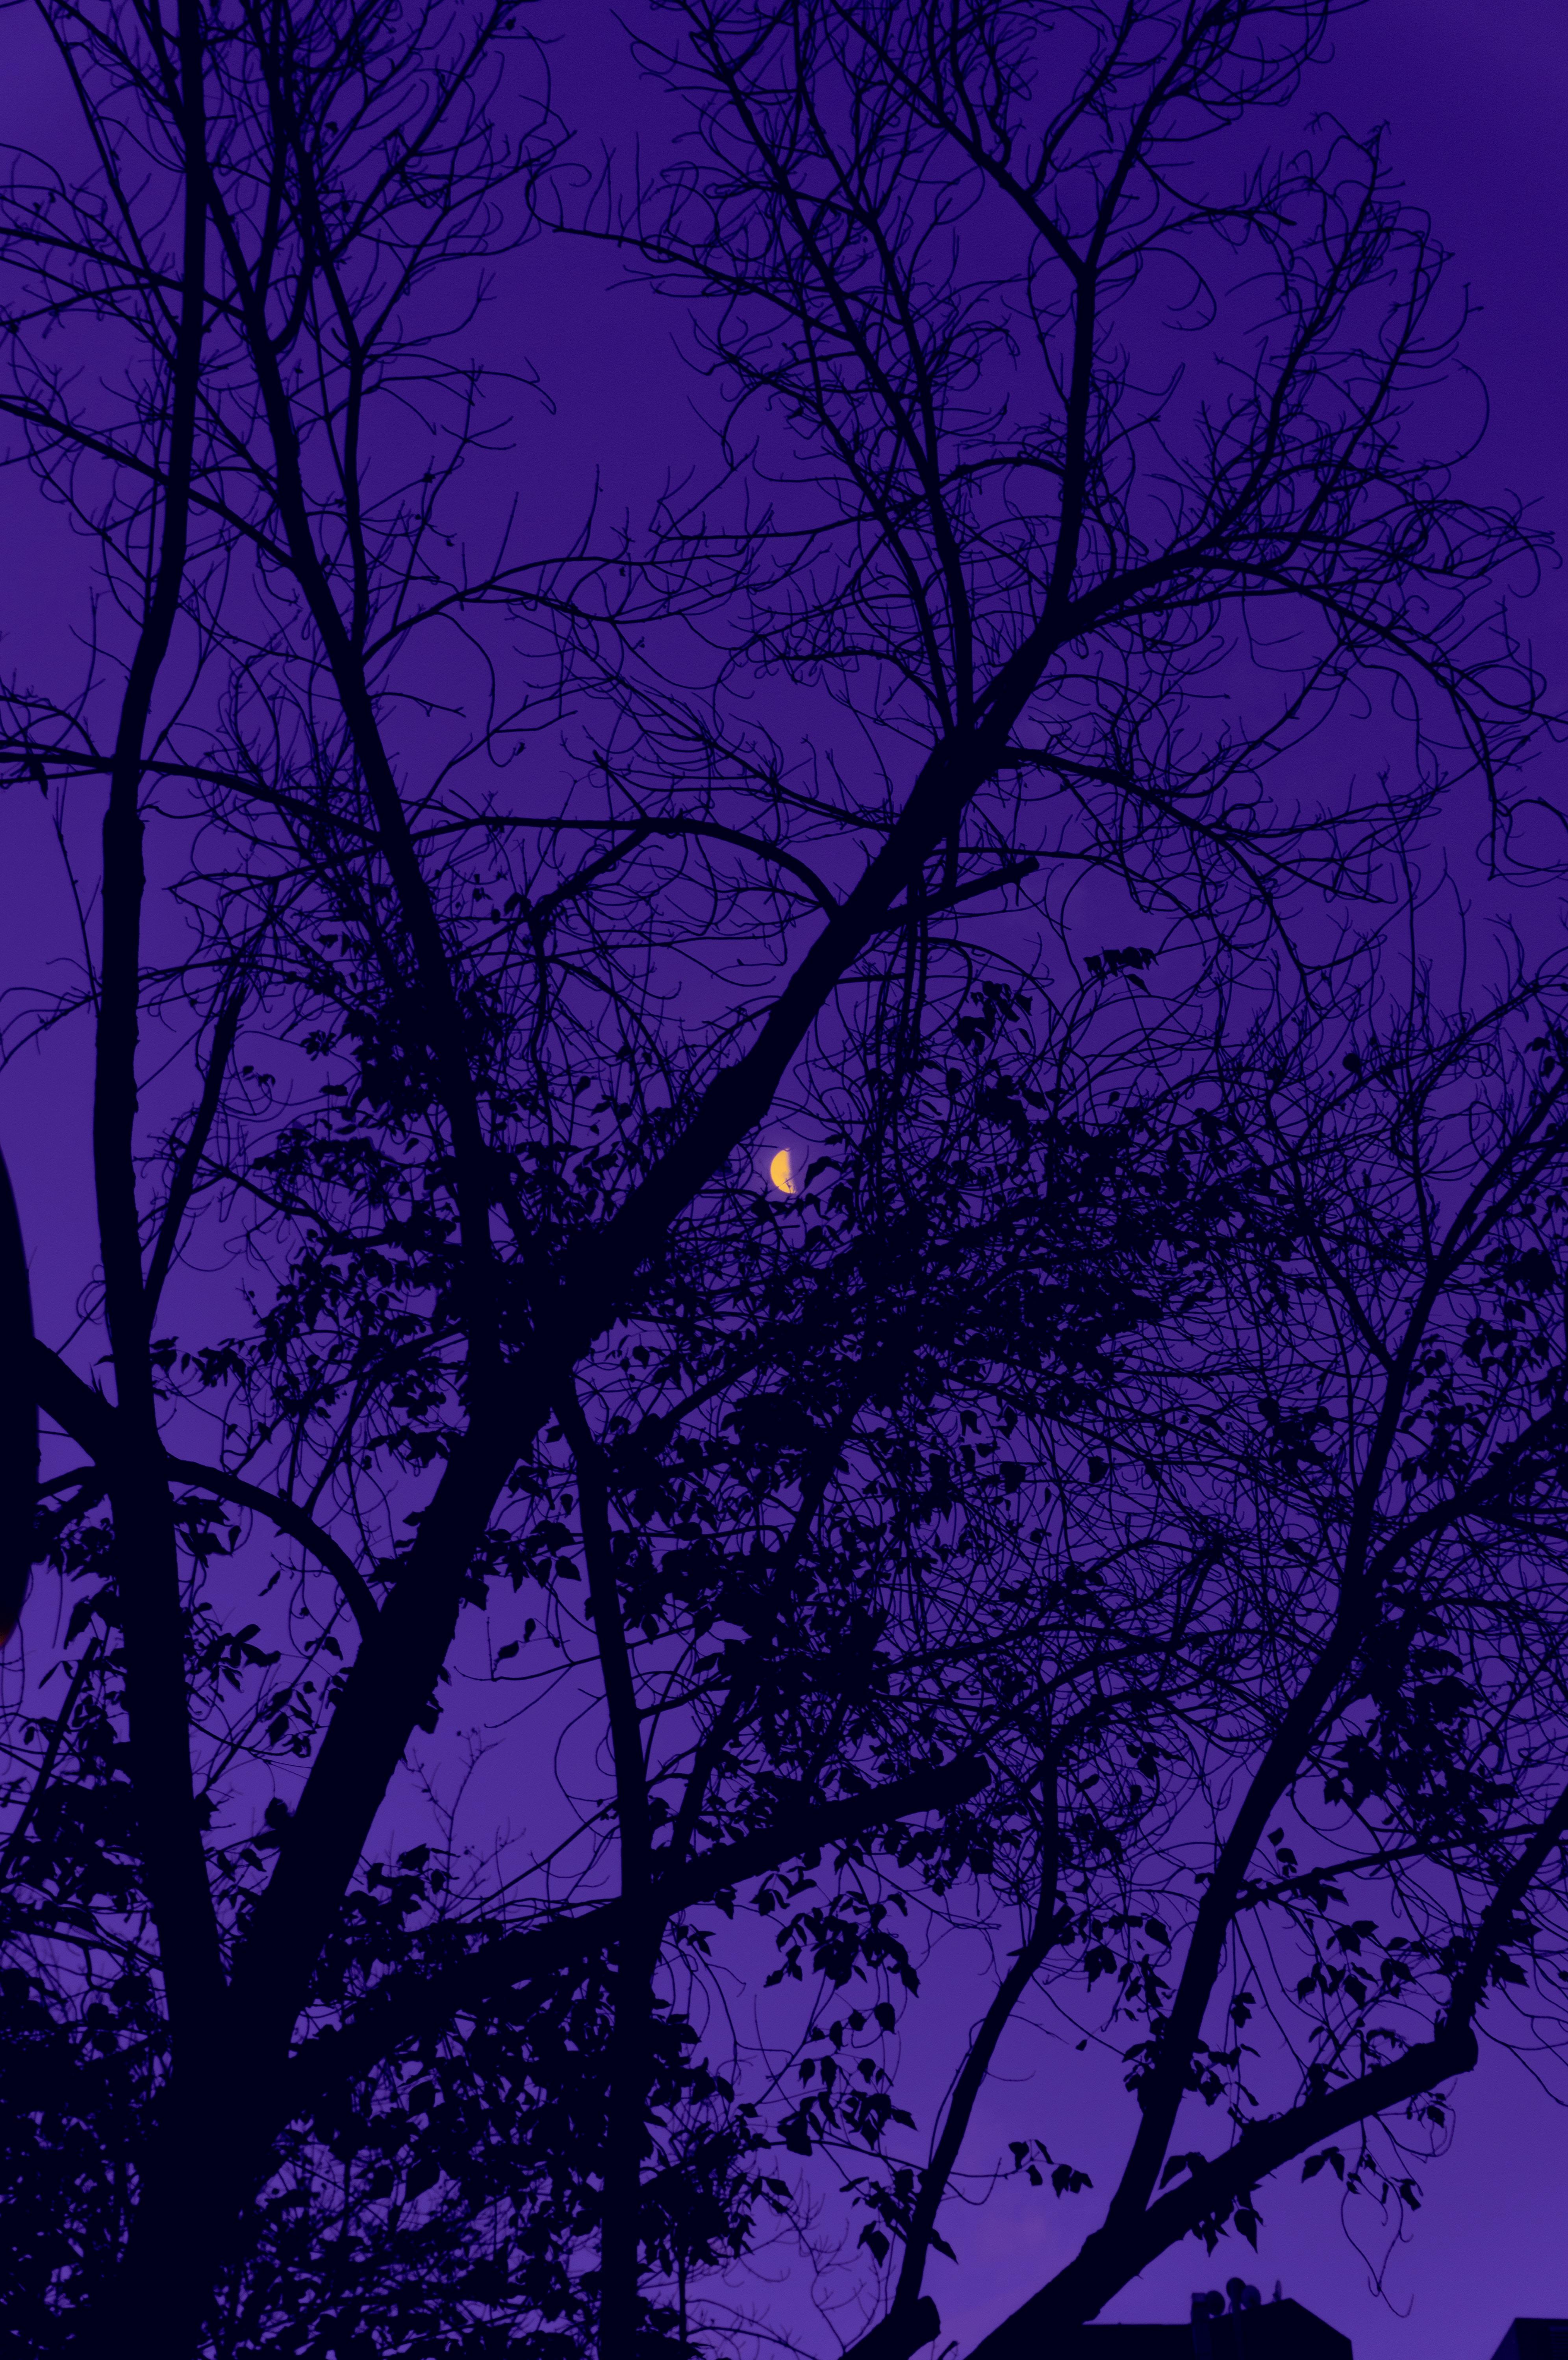 60269 descargar fondo de pantalla Violeta, Árboles, Cielo, Noche, Luna, Oscuro, Púrpura: protectores de pantalla e imágenes gratis